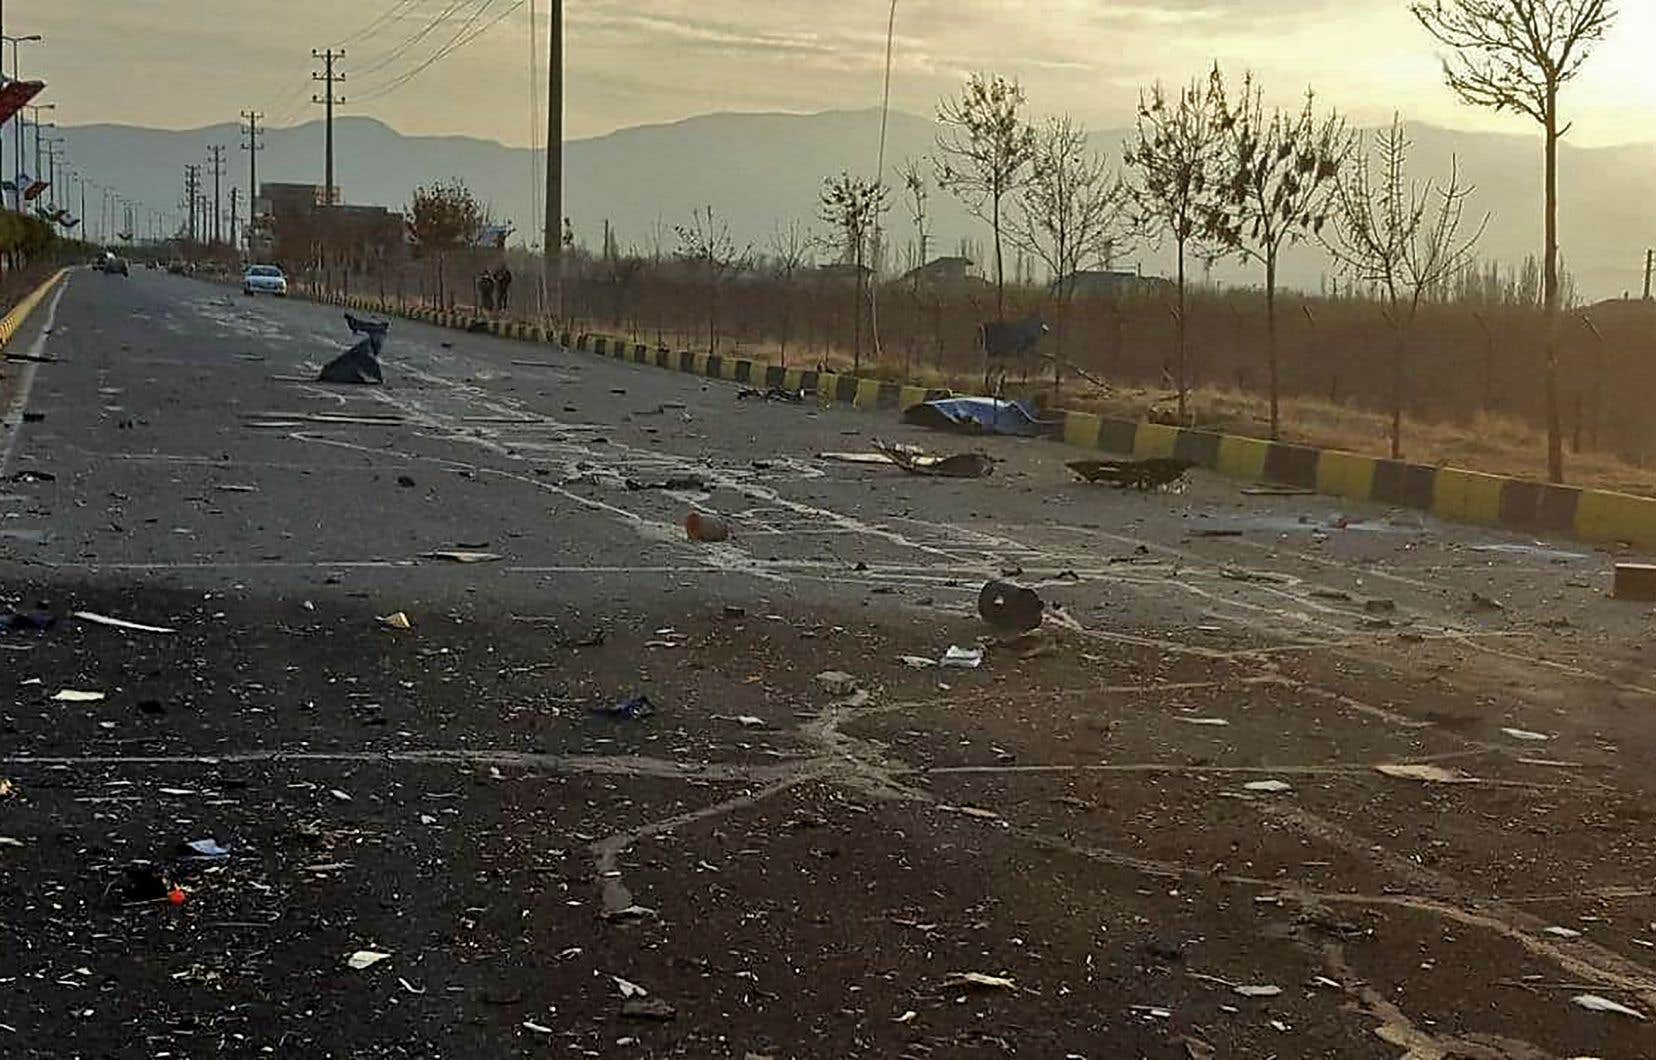 La voiture de l'homme — identifié officiellement comme étant Mohsen Fakhrizadeh, chef du département recherche et innovation du ministère iranien de la Défense — aurait été prise pour cible par plusieurs assaillants.